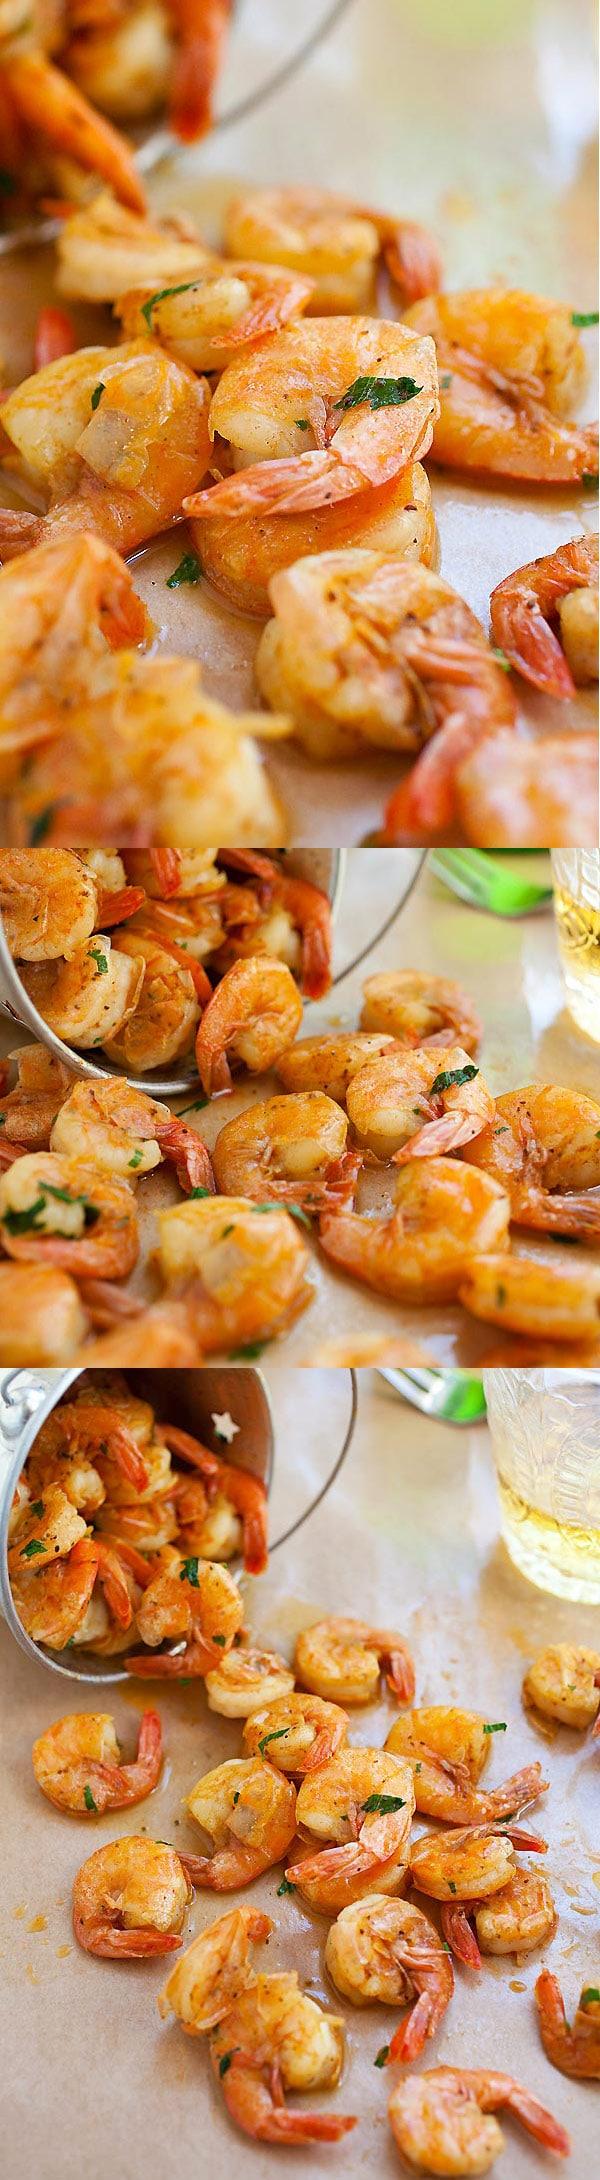 Peler et manger des crevettes - la recette de crevettes la plus simple à base de beurre, de bière et d'épices.  Prend 10 minutes à faire et un aliment de base pour l'été    rasamalaysia.com